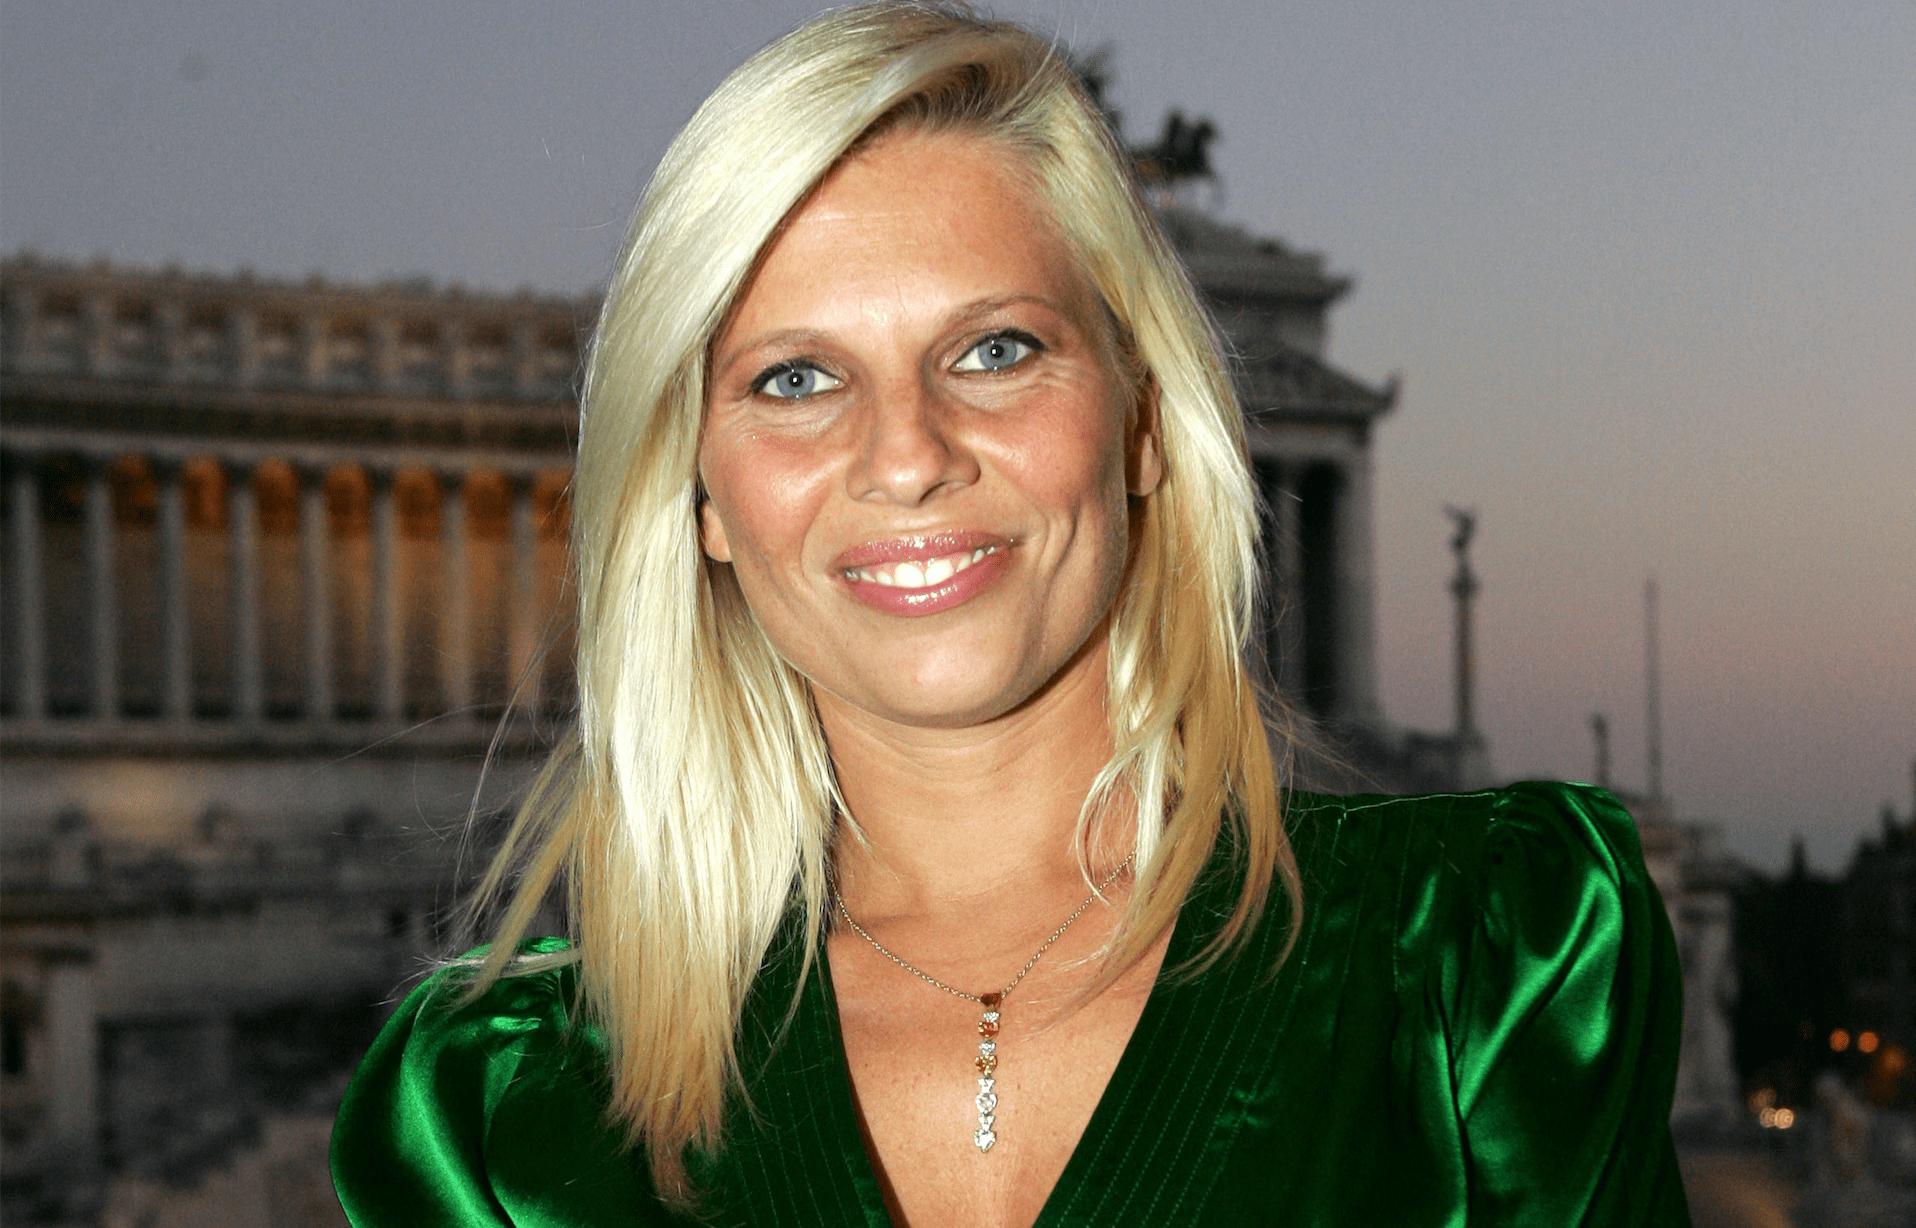 Laura Freddi e daniele bossari tradimento storia d'amore 2001